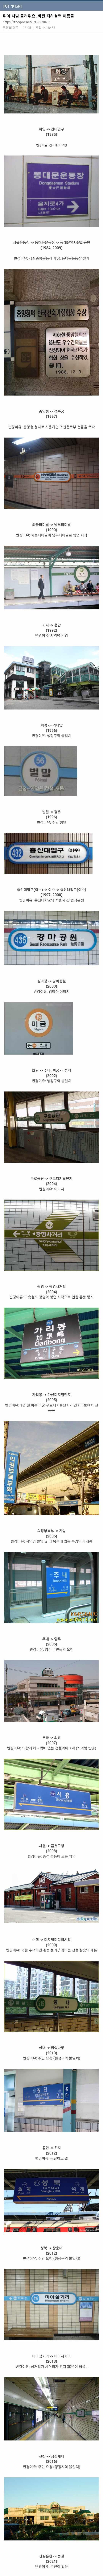 역대 바뀐 지하철역 이름 정리